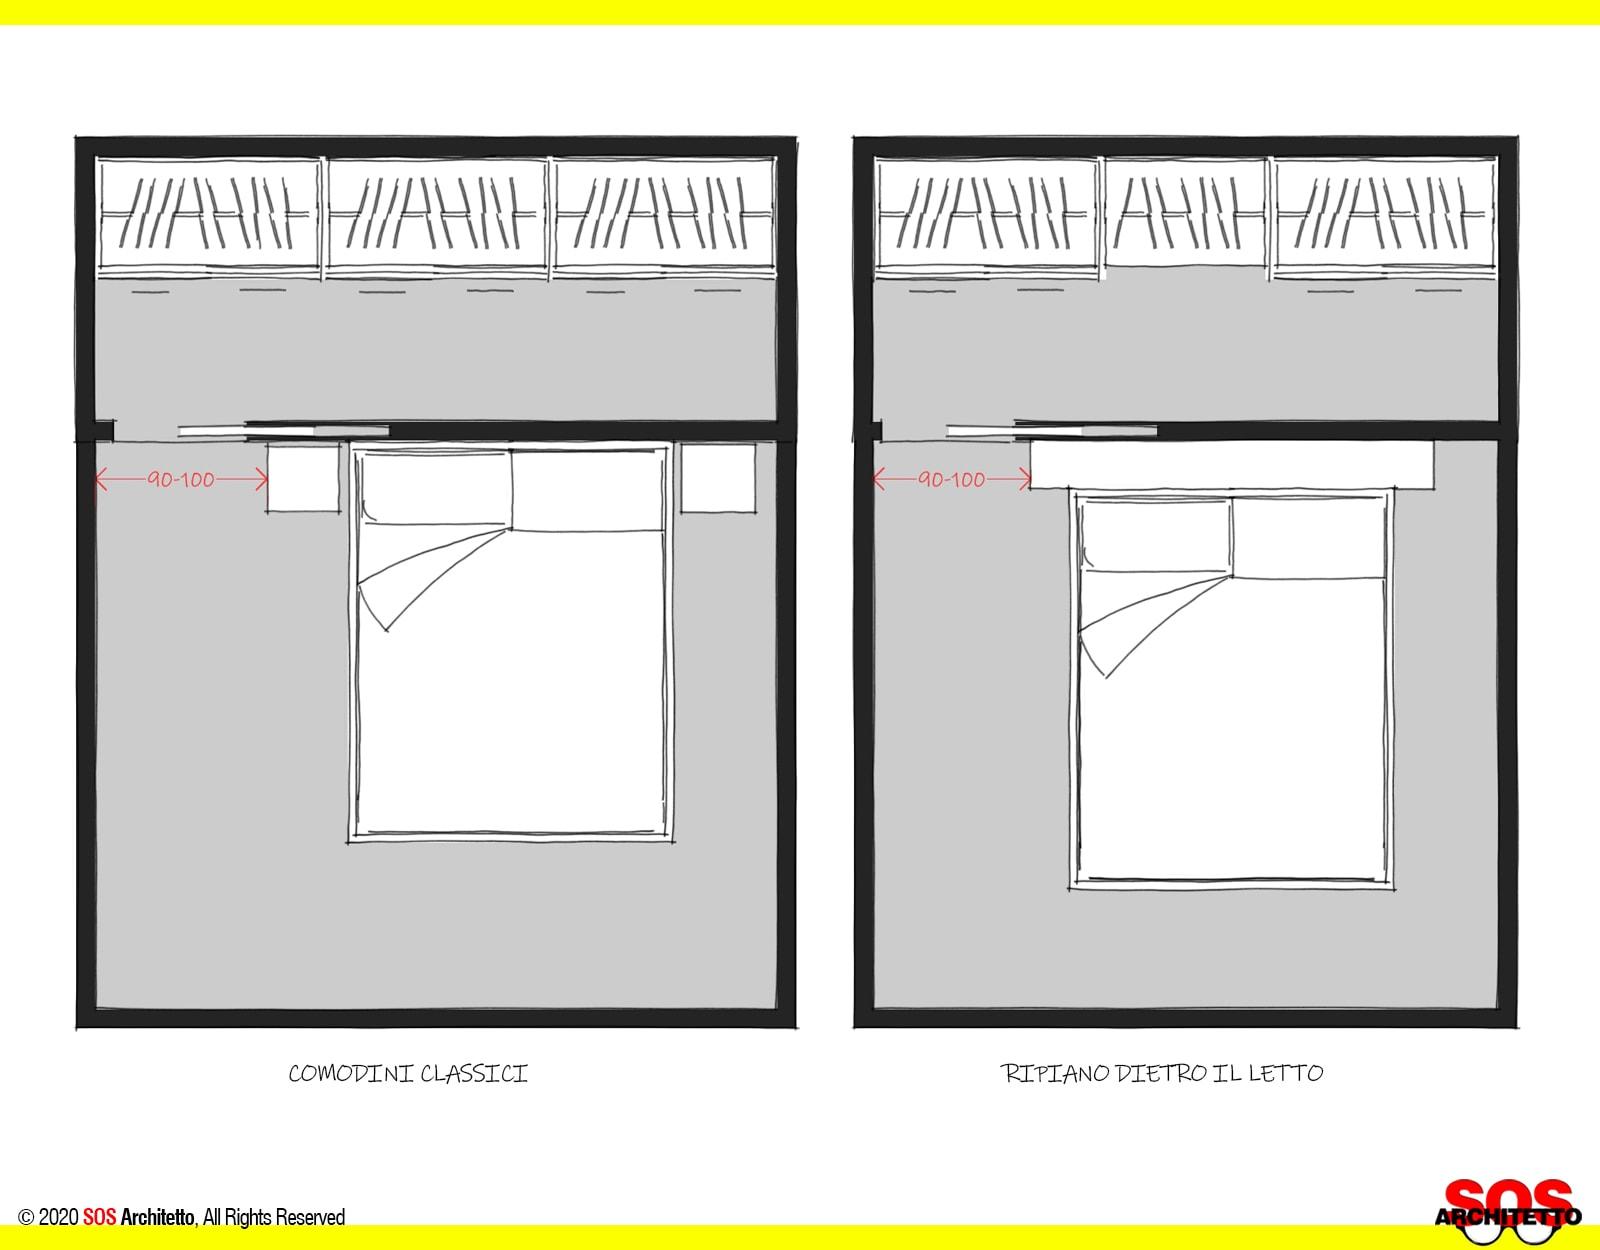 Armadio A Muro Dimensioni.Cabina Armadio Dietro Il Letto Le Dimensioni Sos Architetto